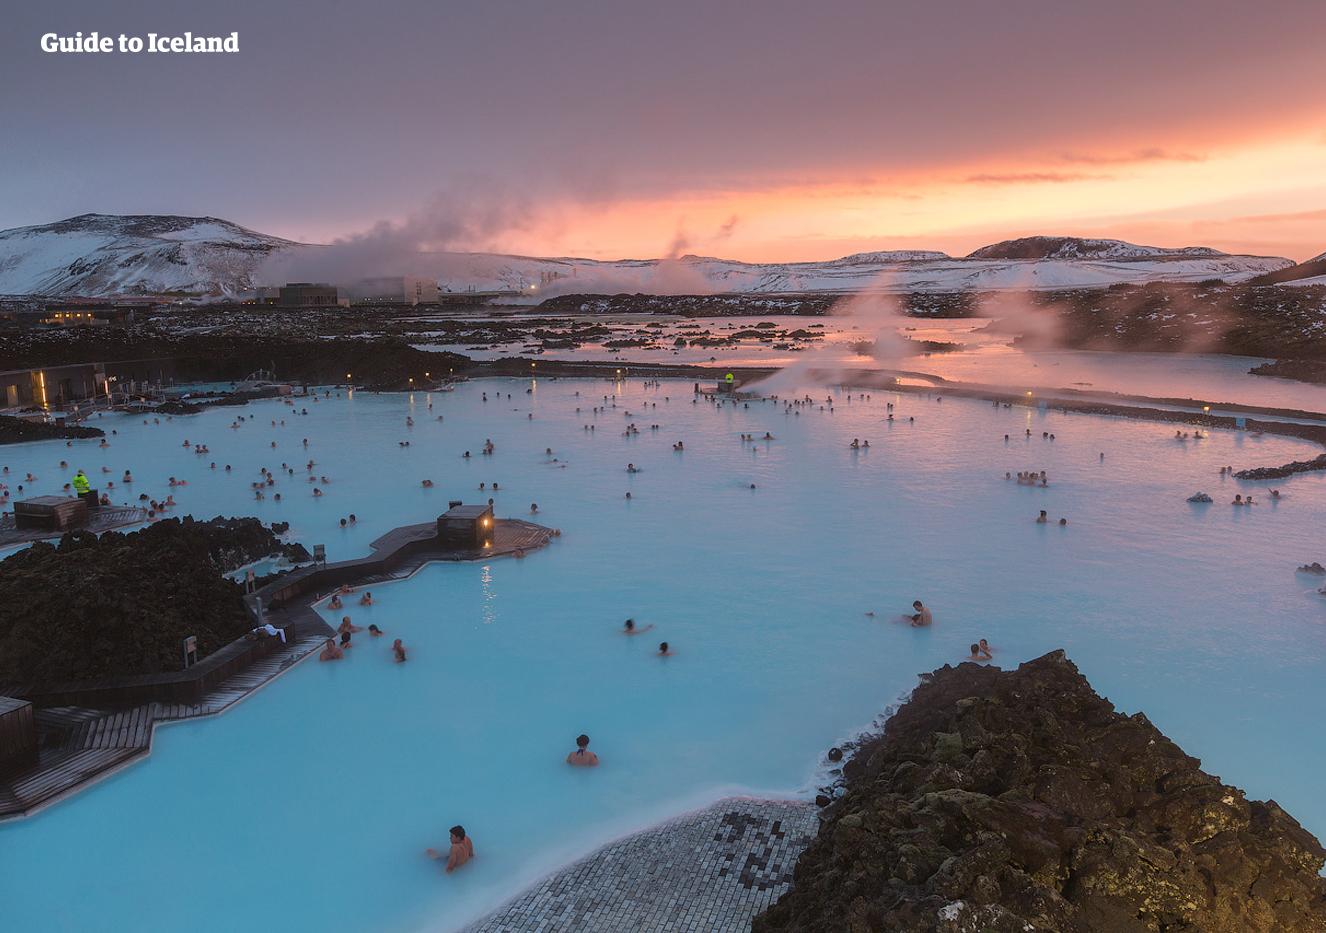 被火山熔岩包围的冰岛蓝湖温泉